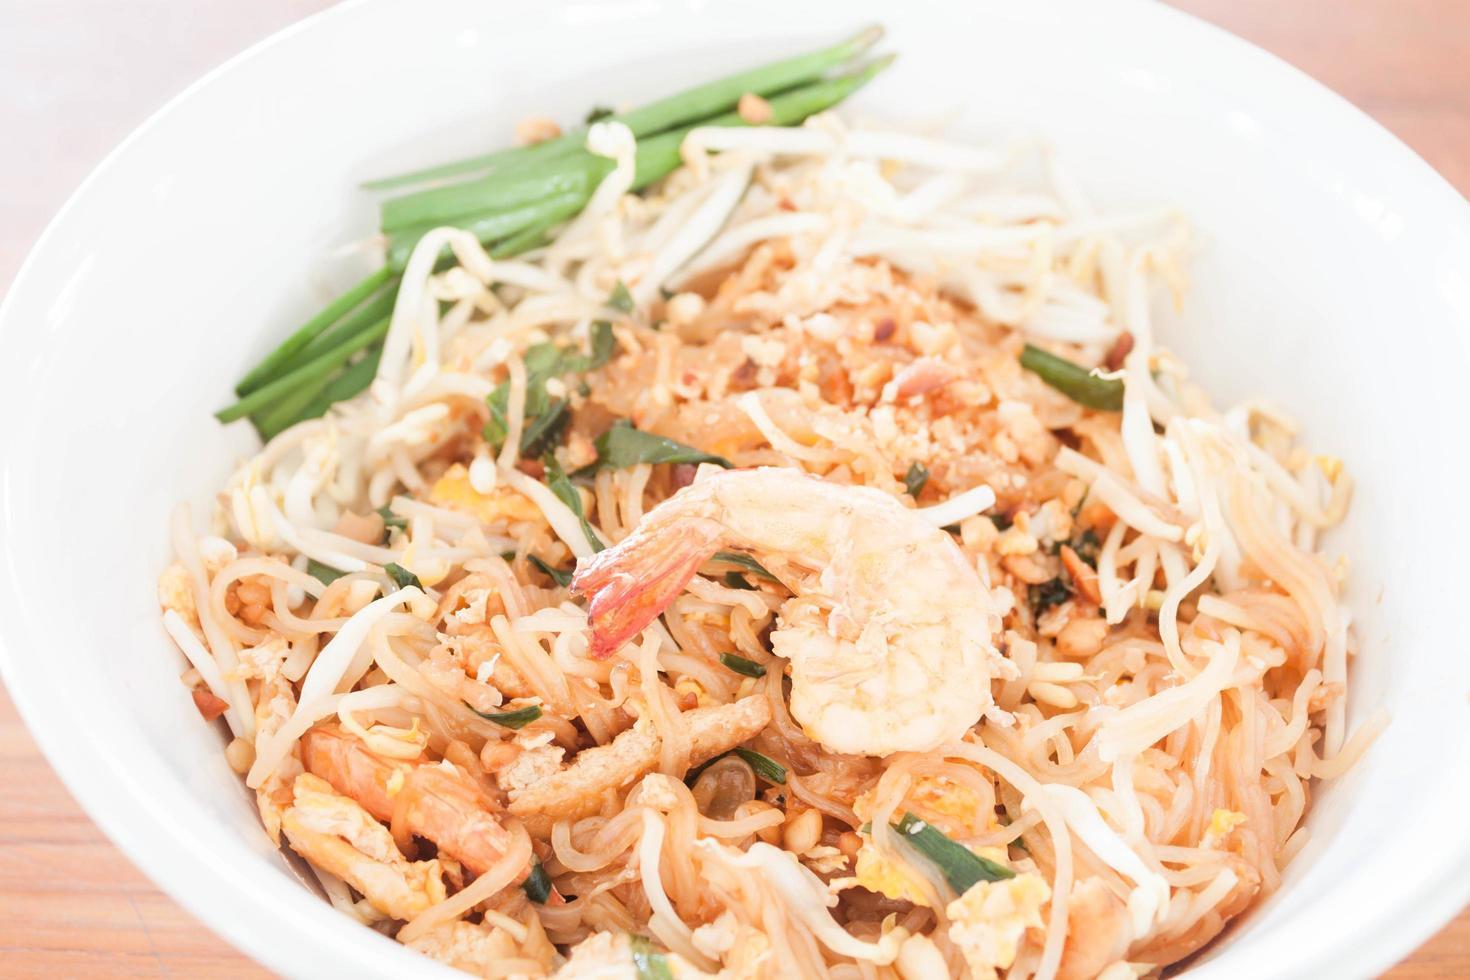 Close-up of a shrimp noodle dish photo